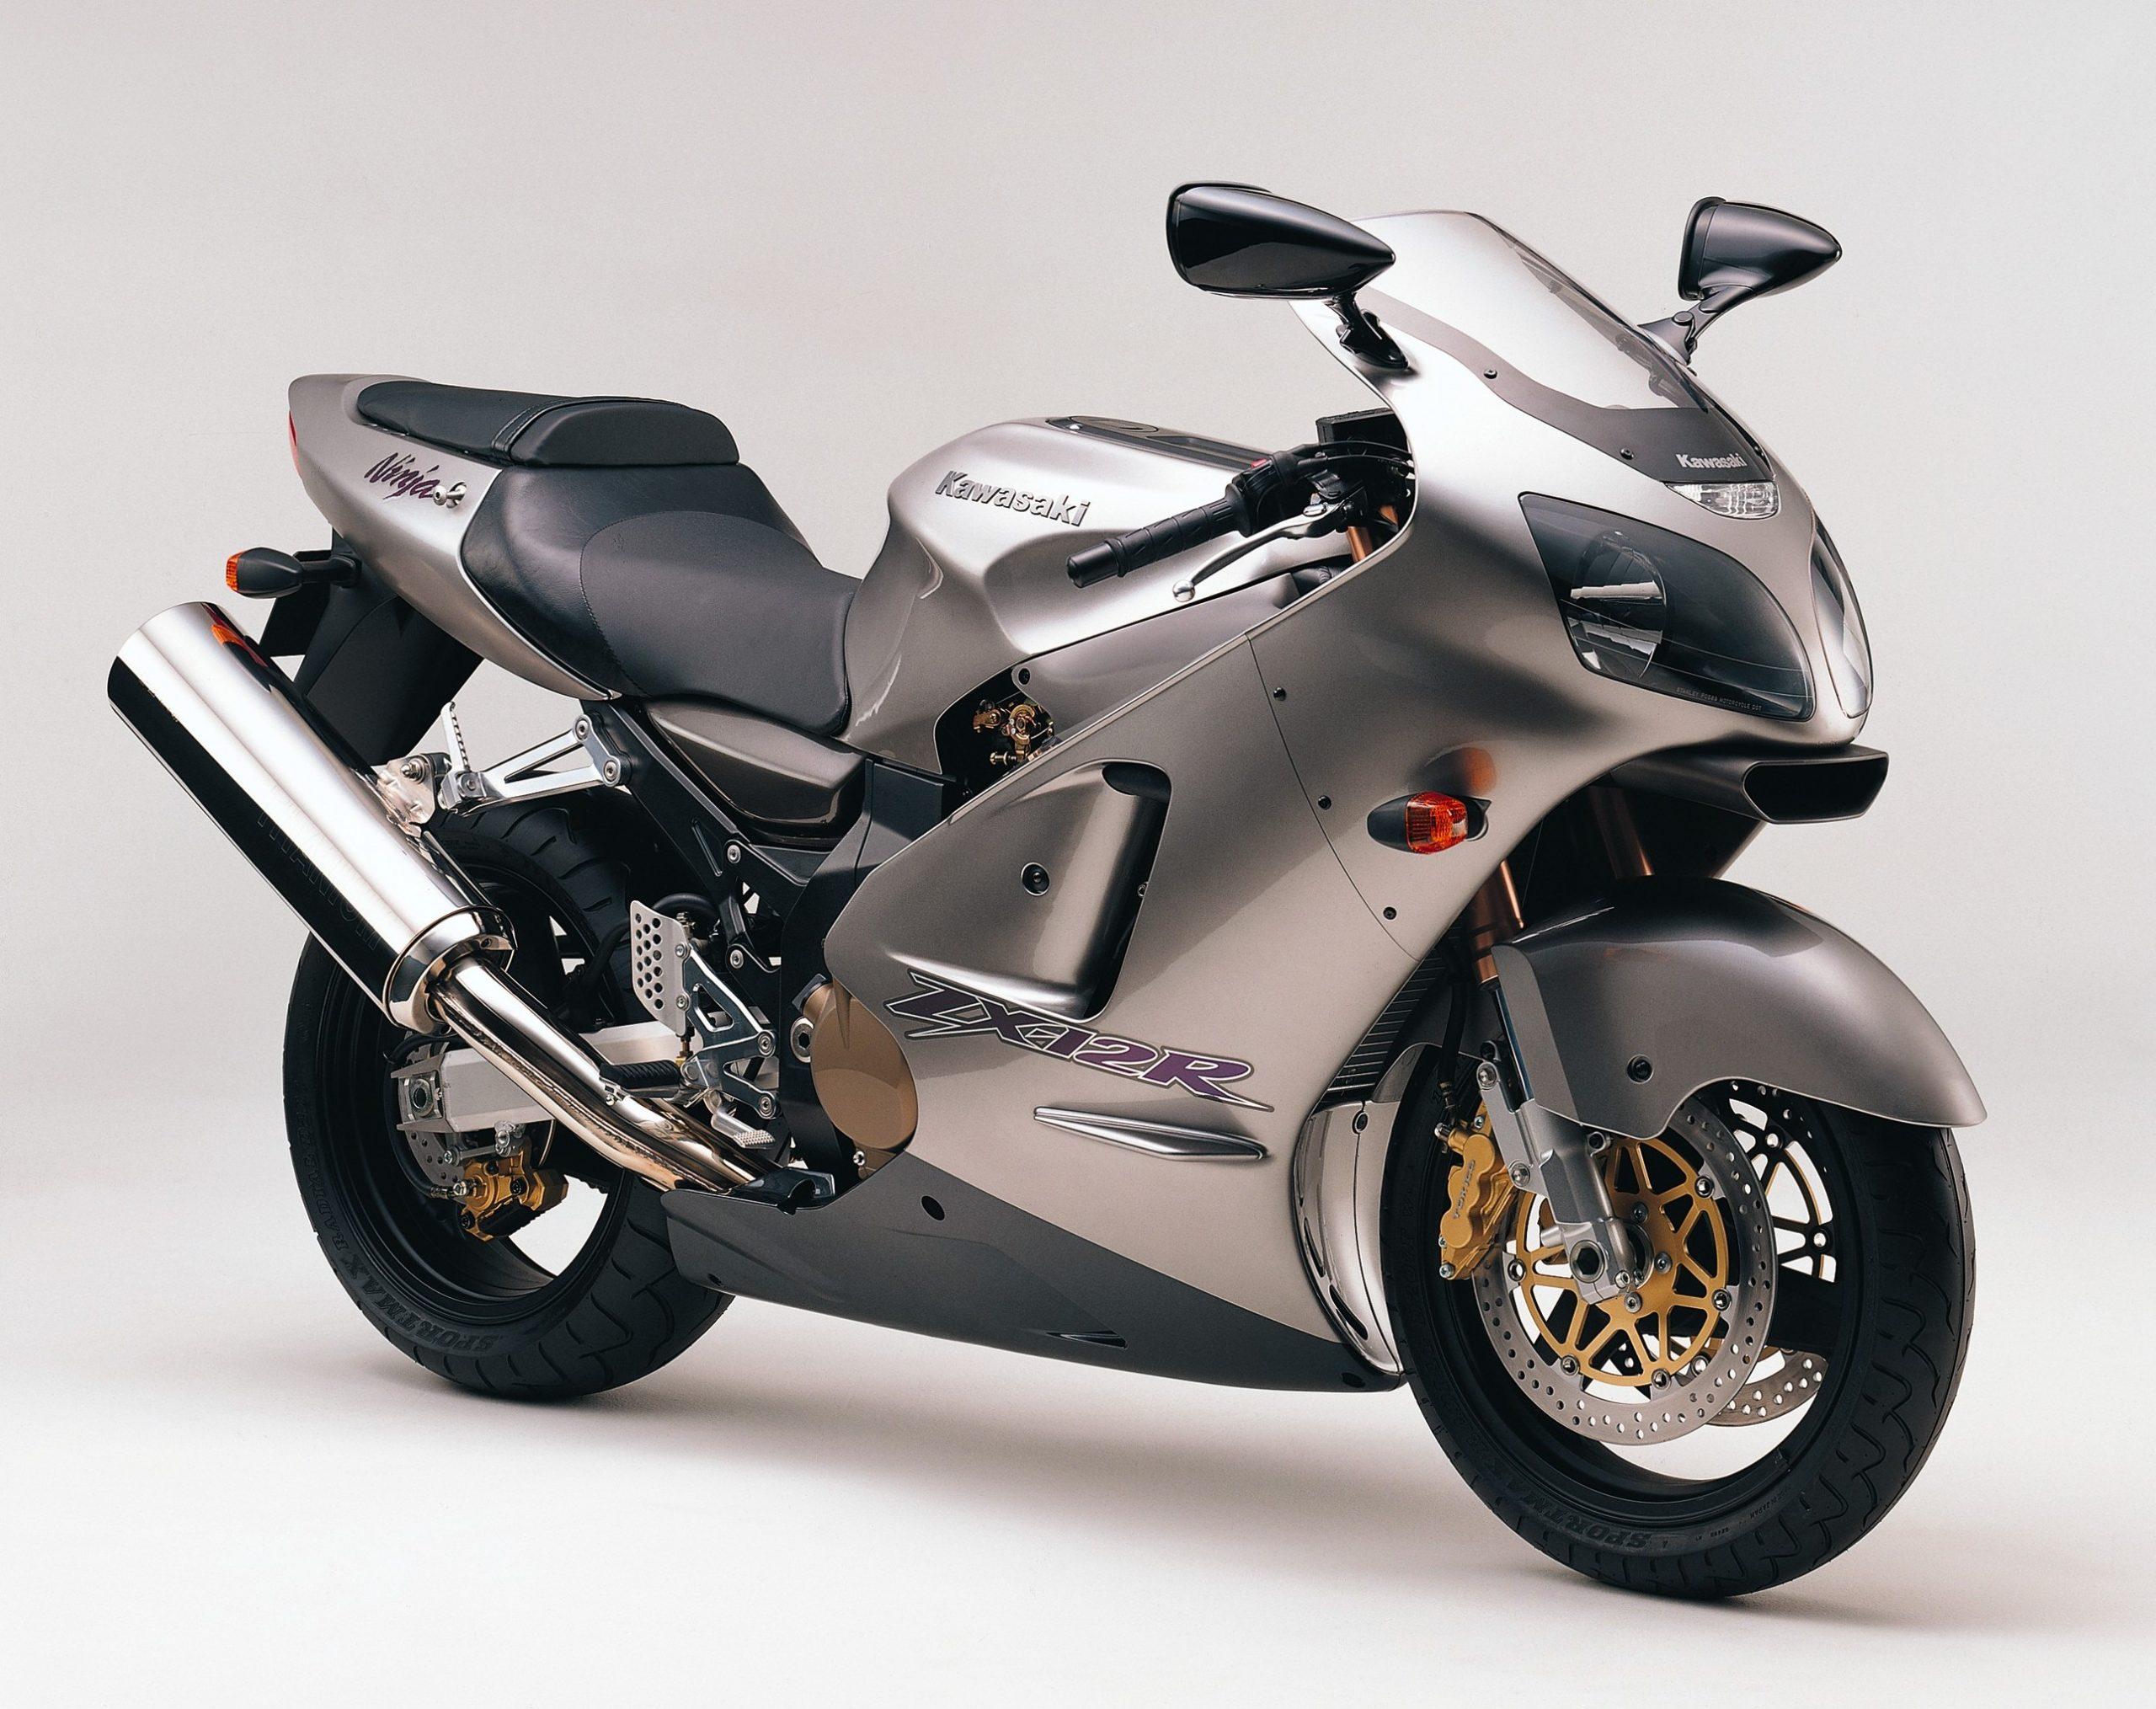 Kawasaki-ZX1200-A1 Metallic Phantom Silver